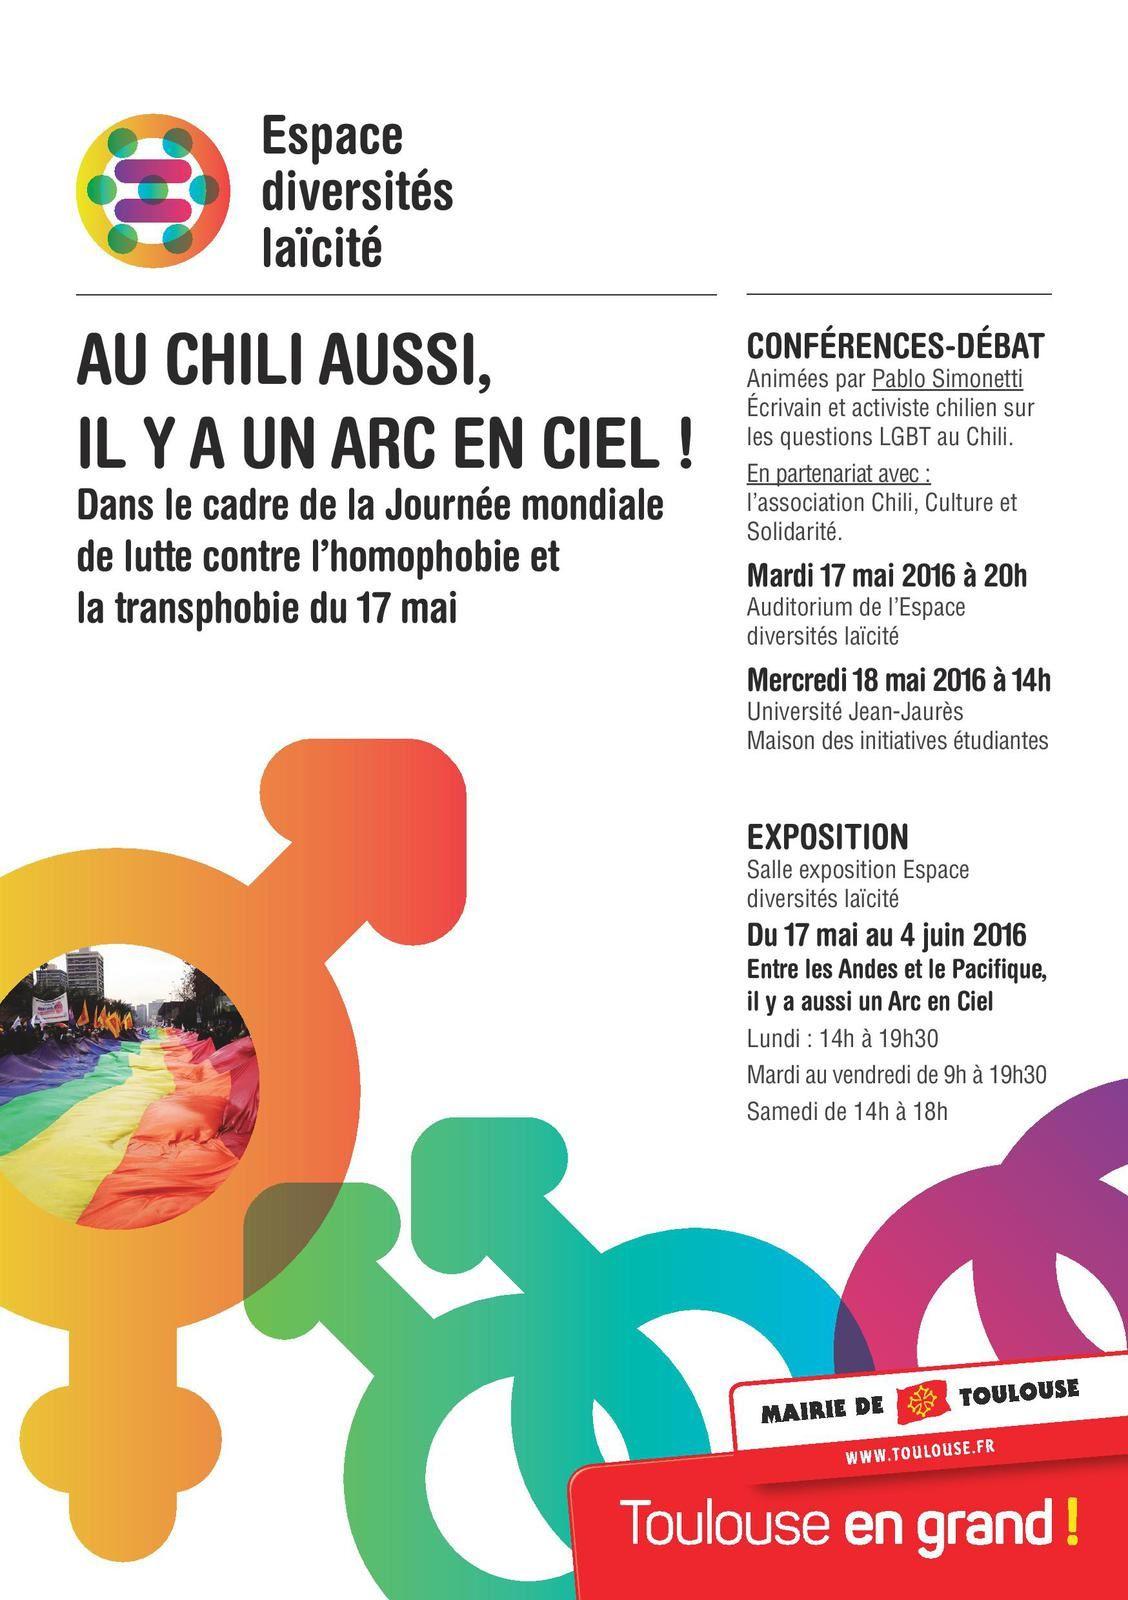 17 au 19 mai 2016: L'écrivain chilien Pablo Simonetti en conférence exceptionnelle  sur Toulouse...